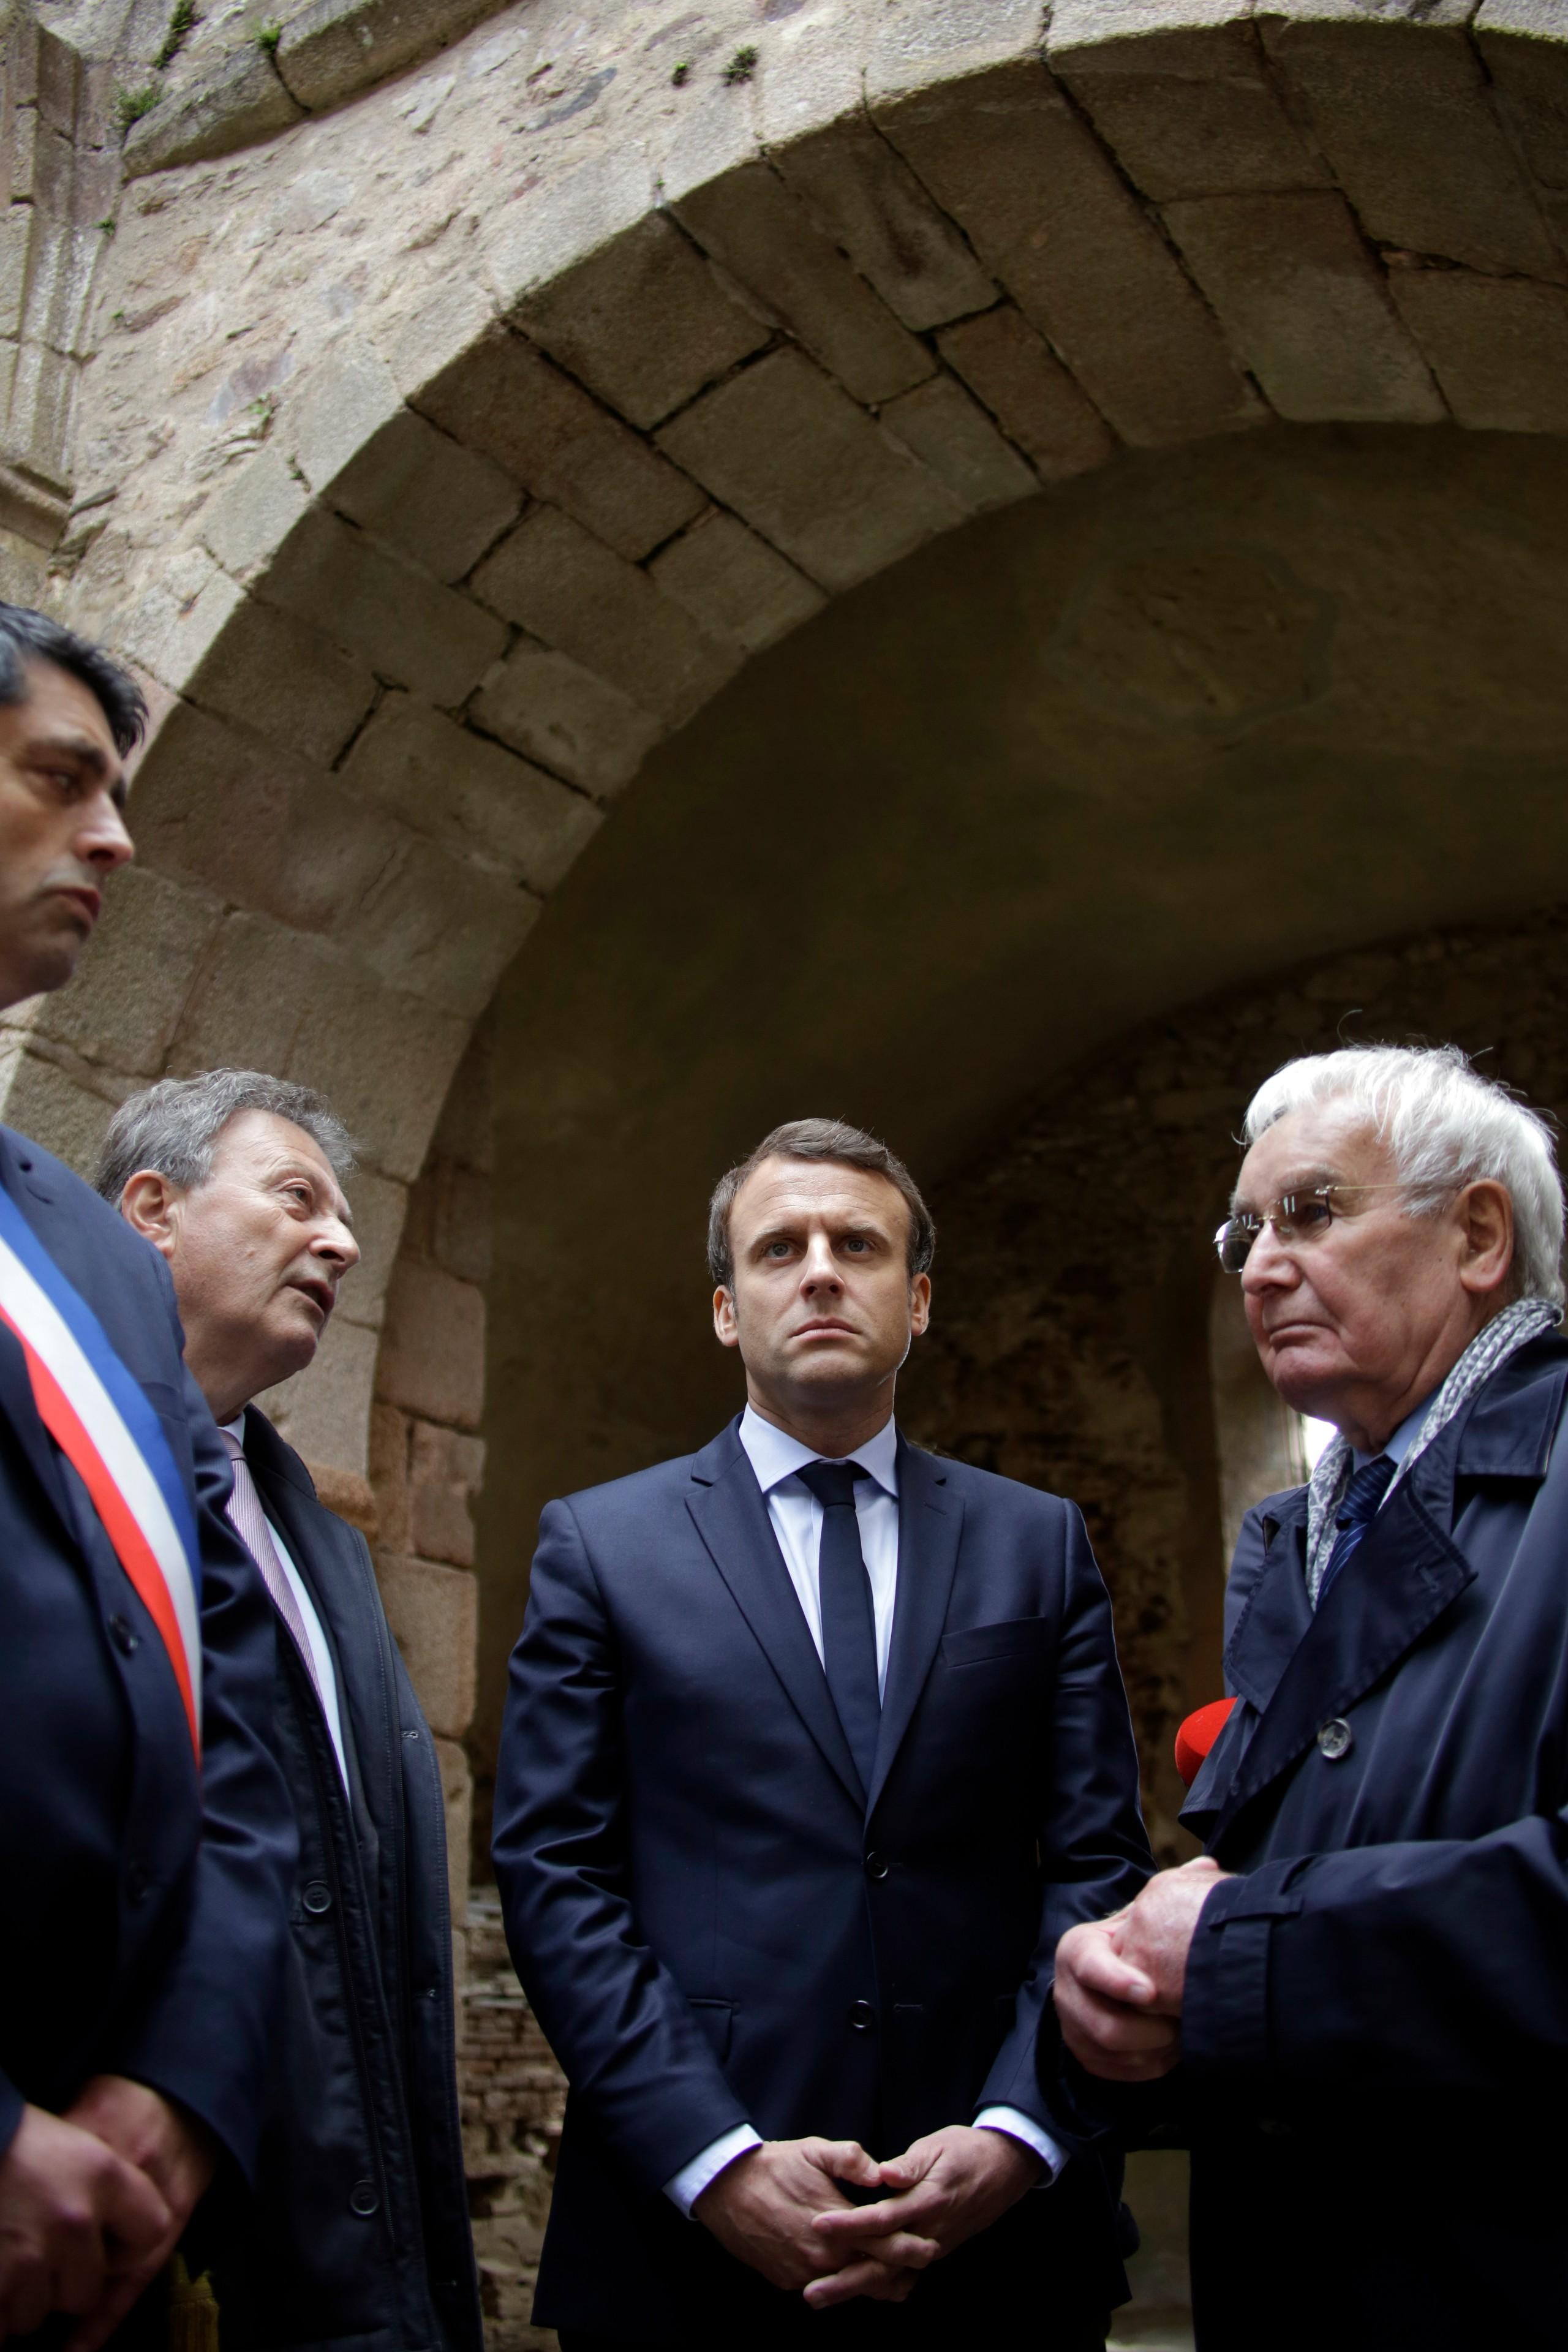 Emmanuel Macron visite le village martyr d'Oradour-sur-Glane, durant l'entre-deux-tours de l'élection présidentielle, 28 avril 2017. © Lachenaud/ Pool/ AFP